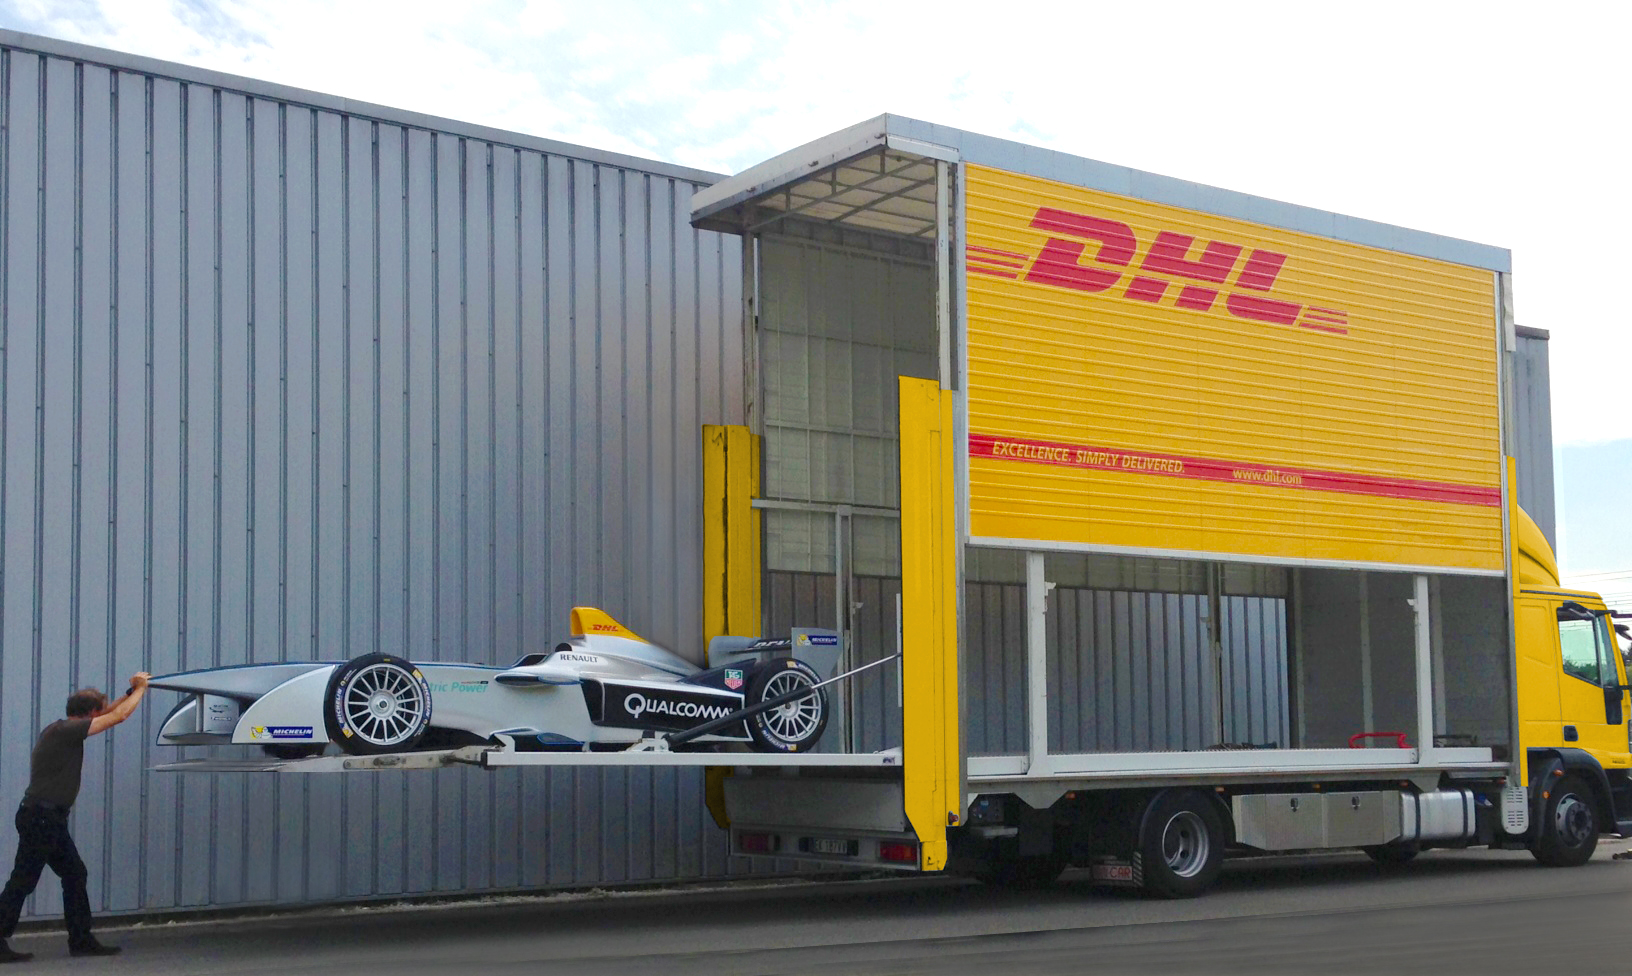 Imagen traslado de vehículo Fórmula E